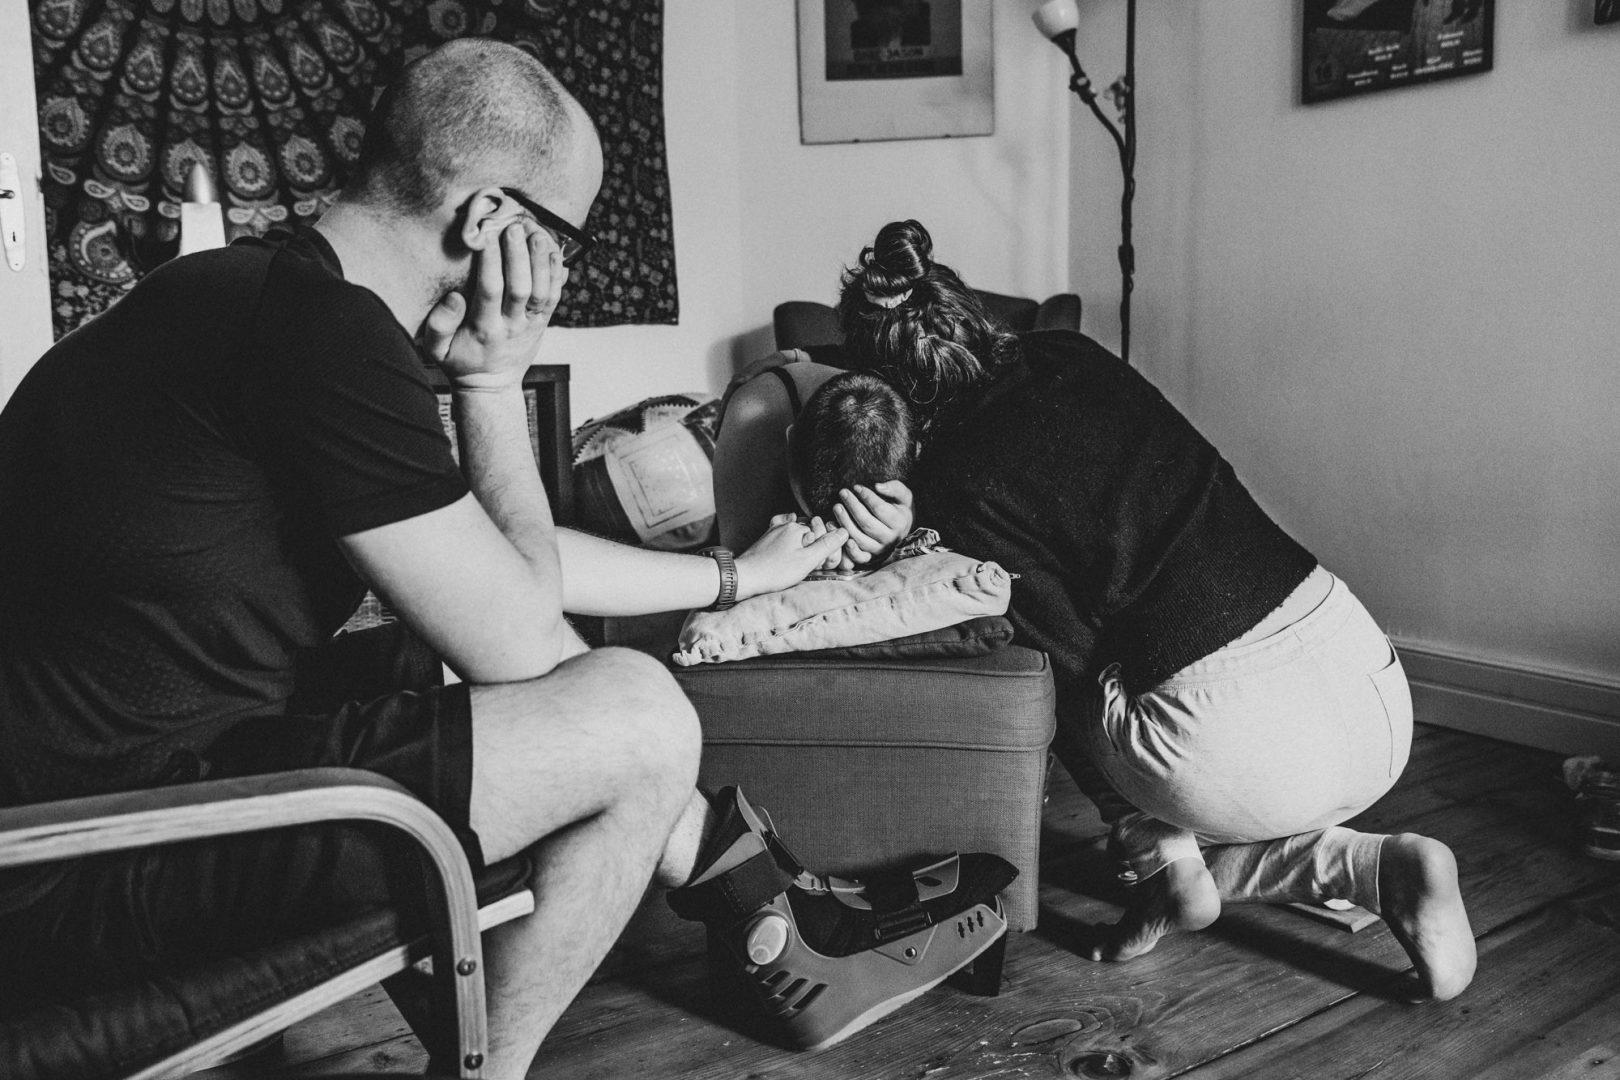 Hebamme umarmt Gebärende während Hausgeburt